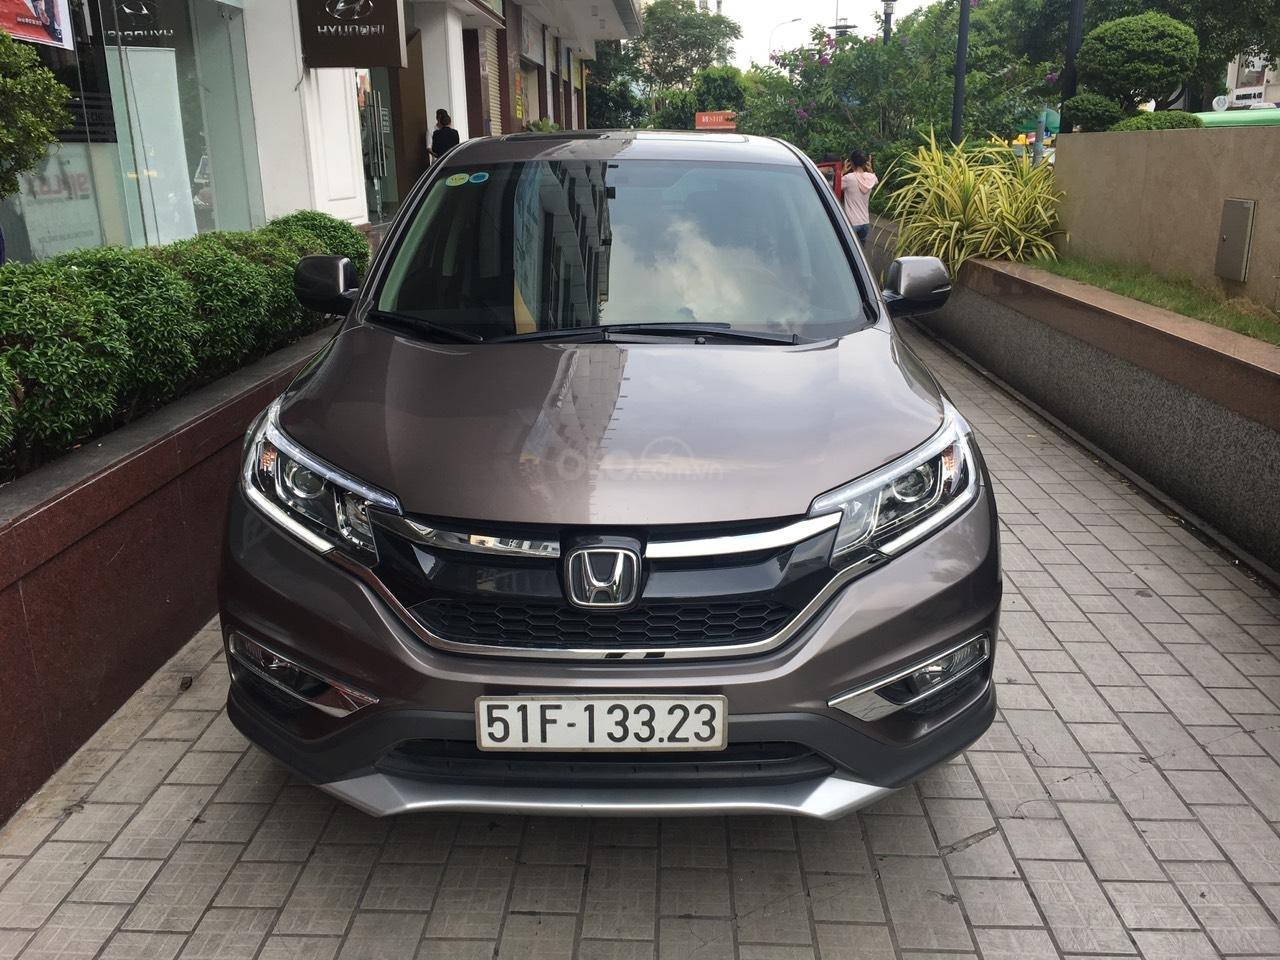 Cần thanh lý Honda CRV đời 2015 full option, xe đẹp giá tốt (1)